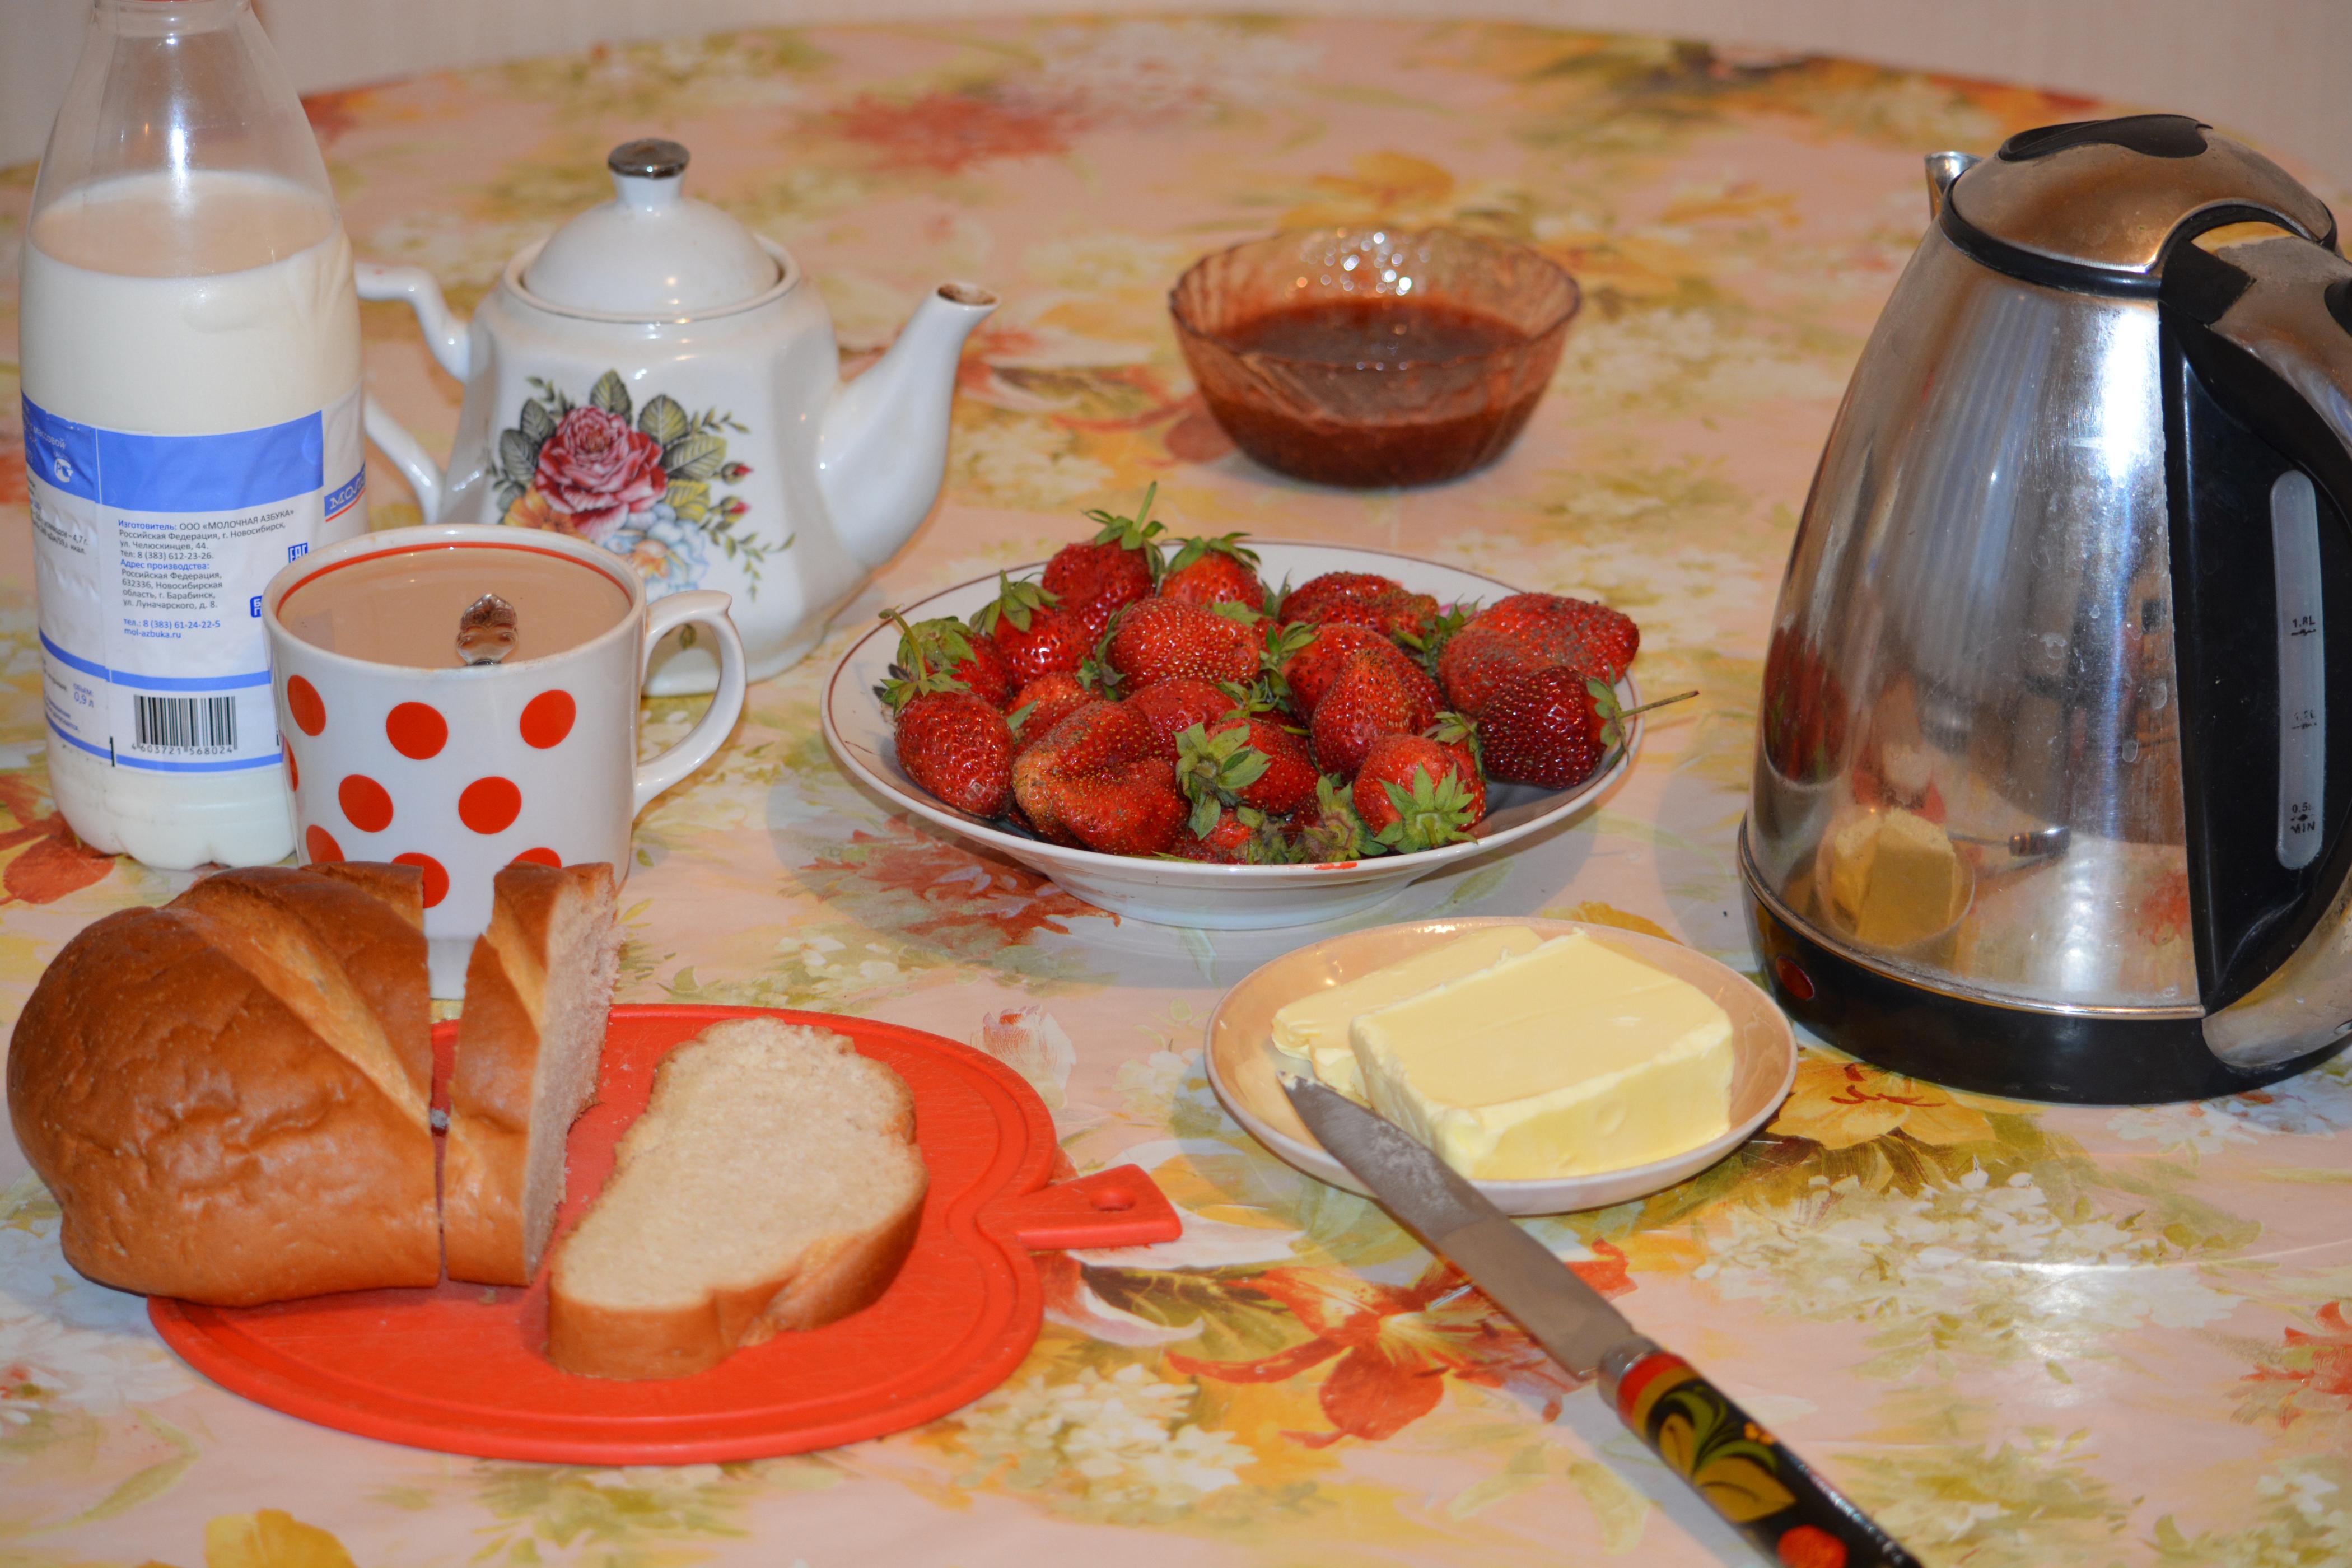 Фотография Молоко Завтрак Хлеб Чайник Клубника Еда Чашка напиток 4200x2800 Пища чашке Продукты питания Напитки